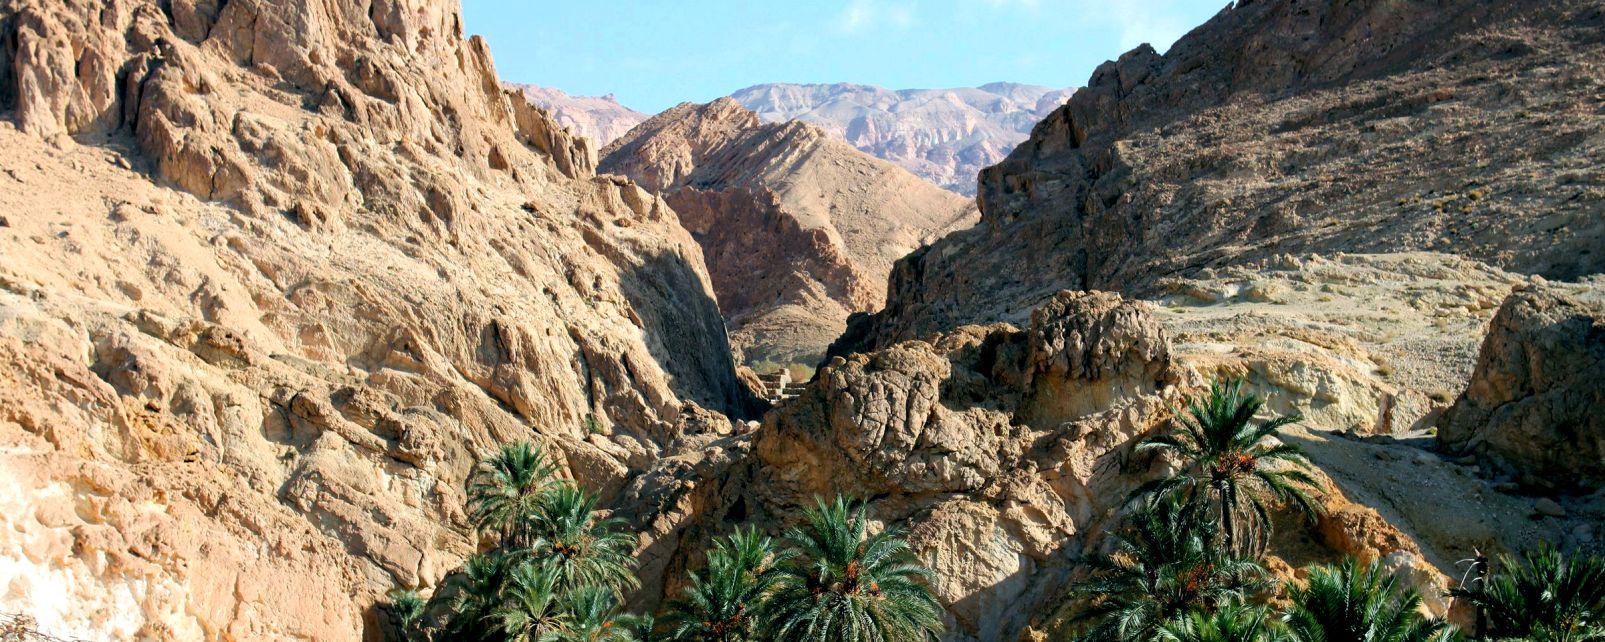 L'oasis de Tozeur, Les paysages, Tozeur, Tunisie